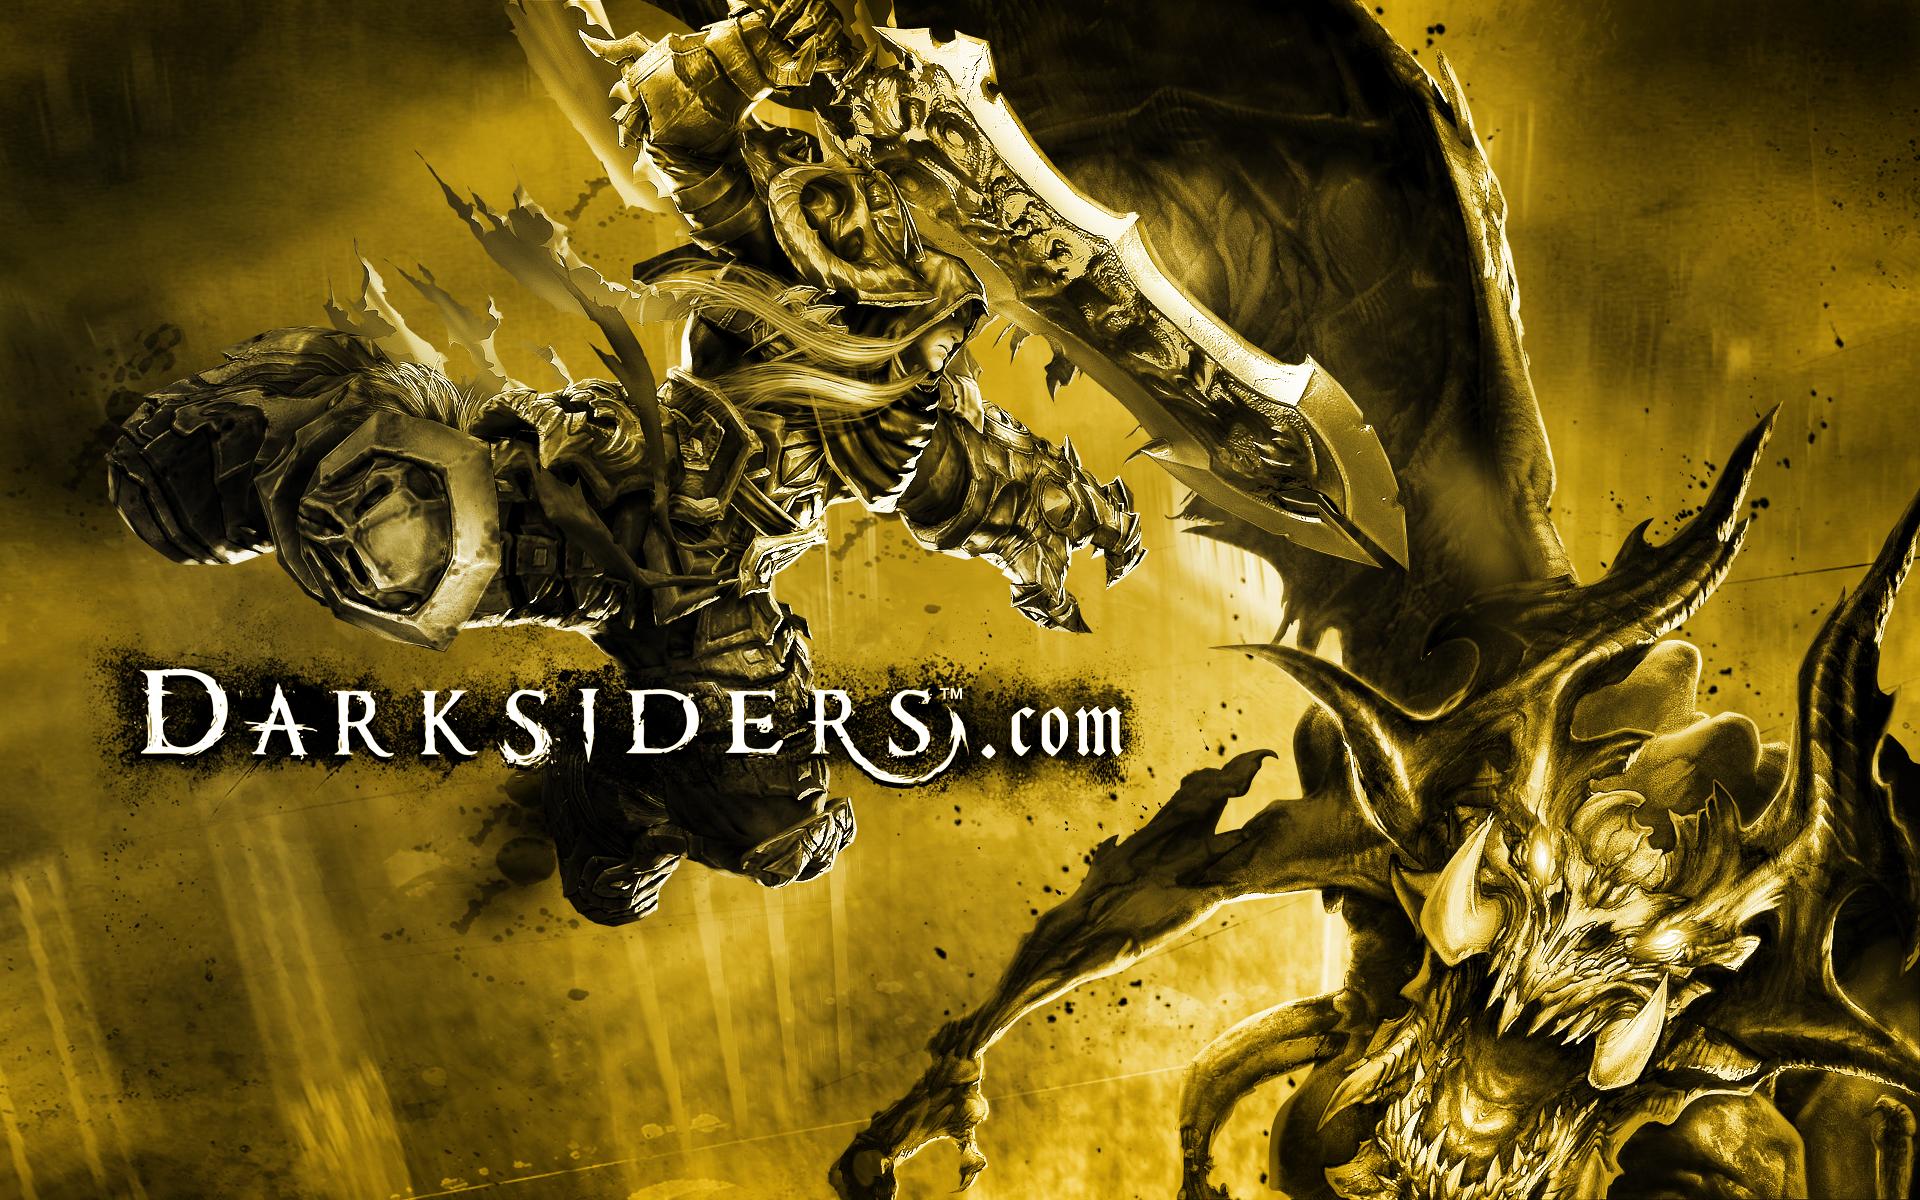 Fuentes de Informacin   Darksiders wallpapers hd solo para ustedes 1920x1200